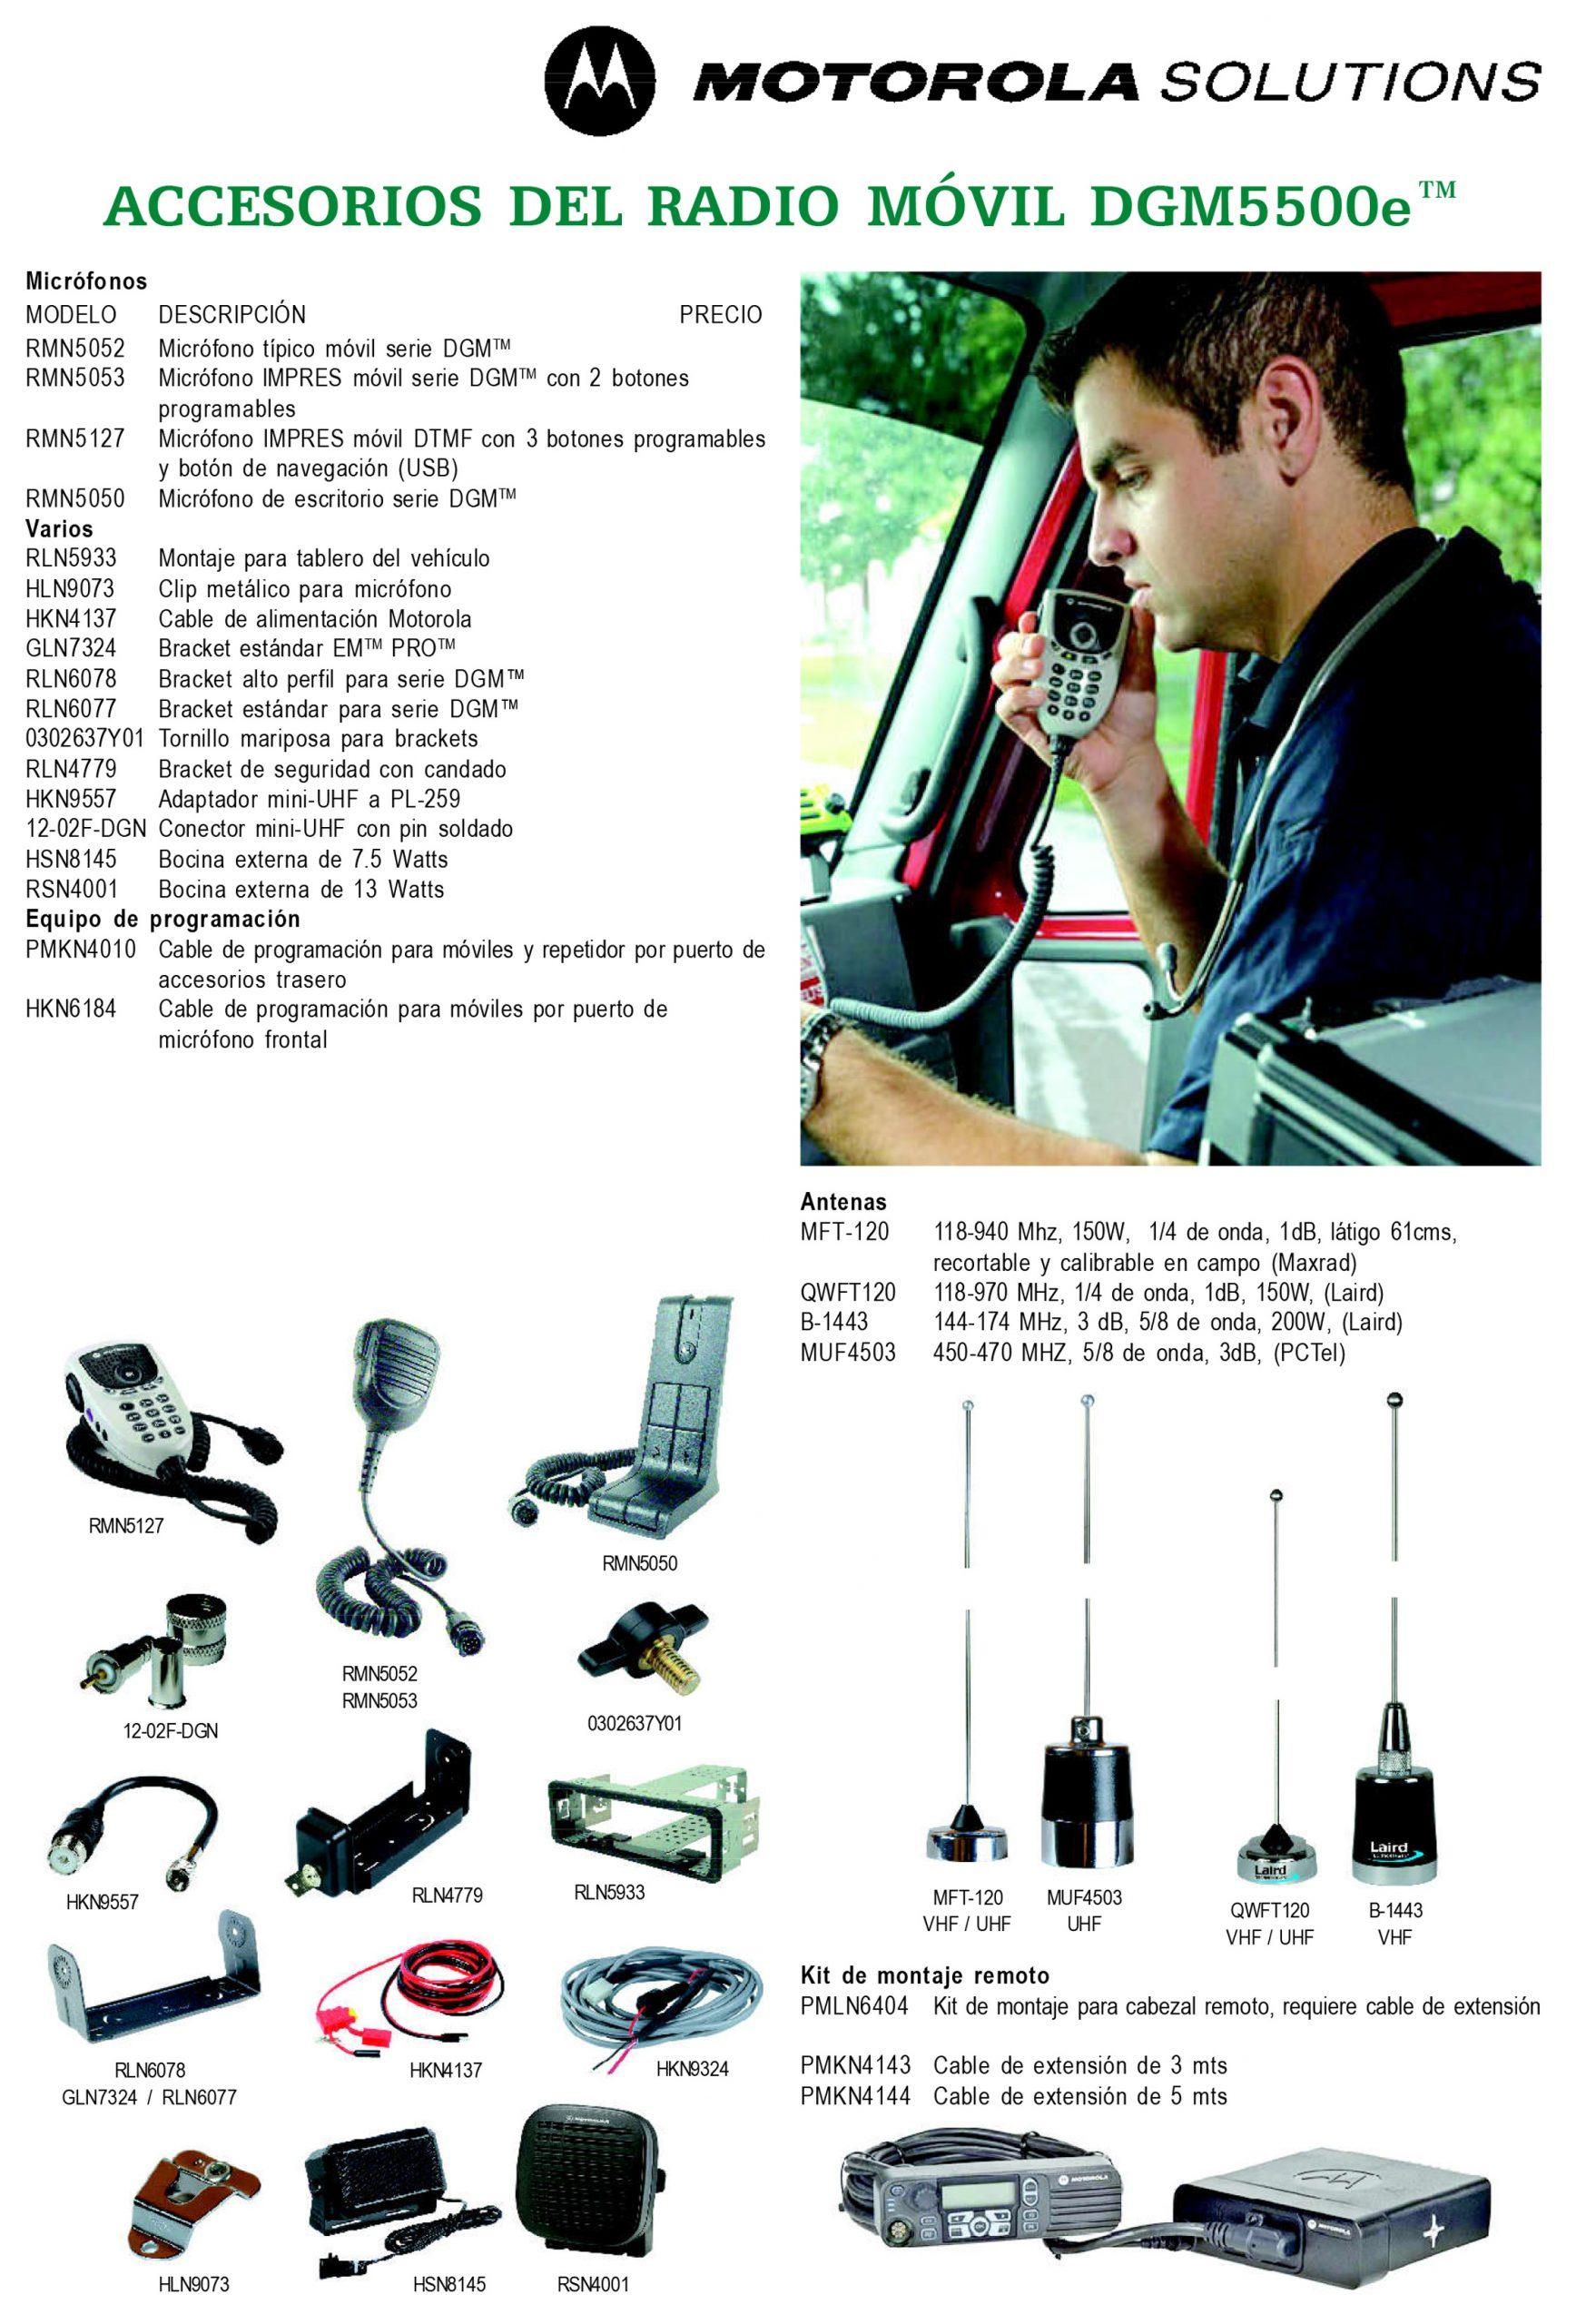 accesorios dgm5500e